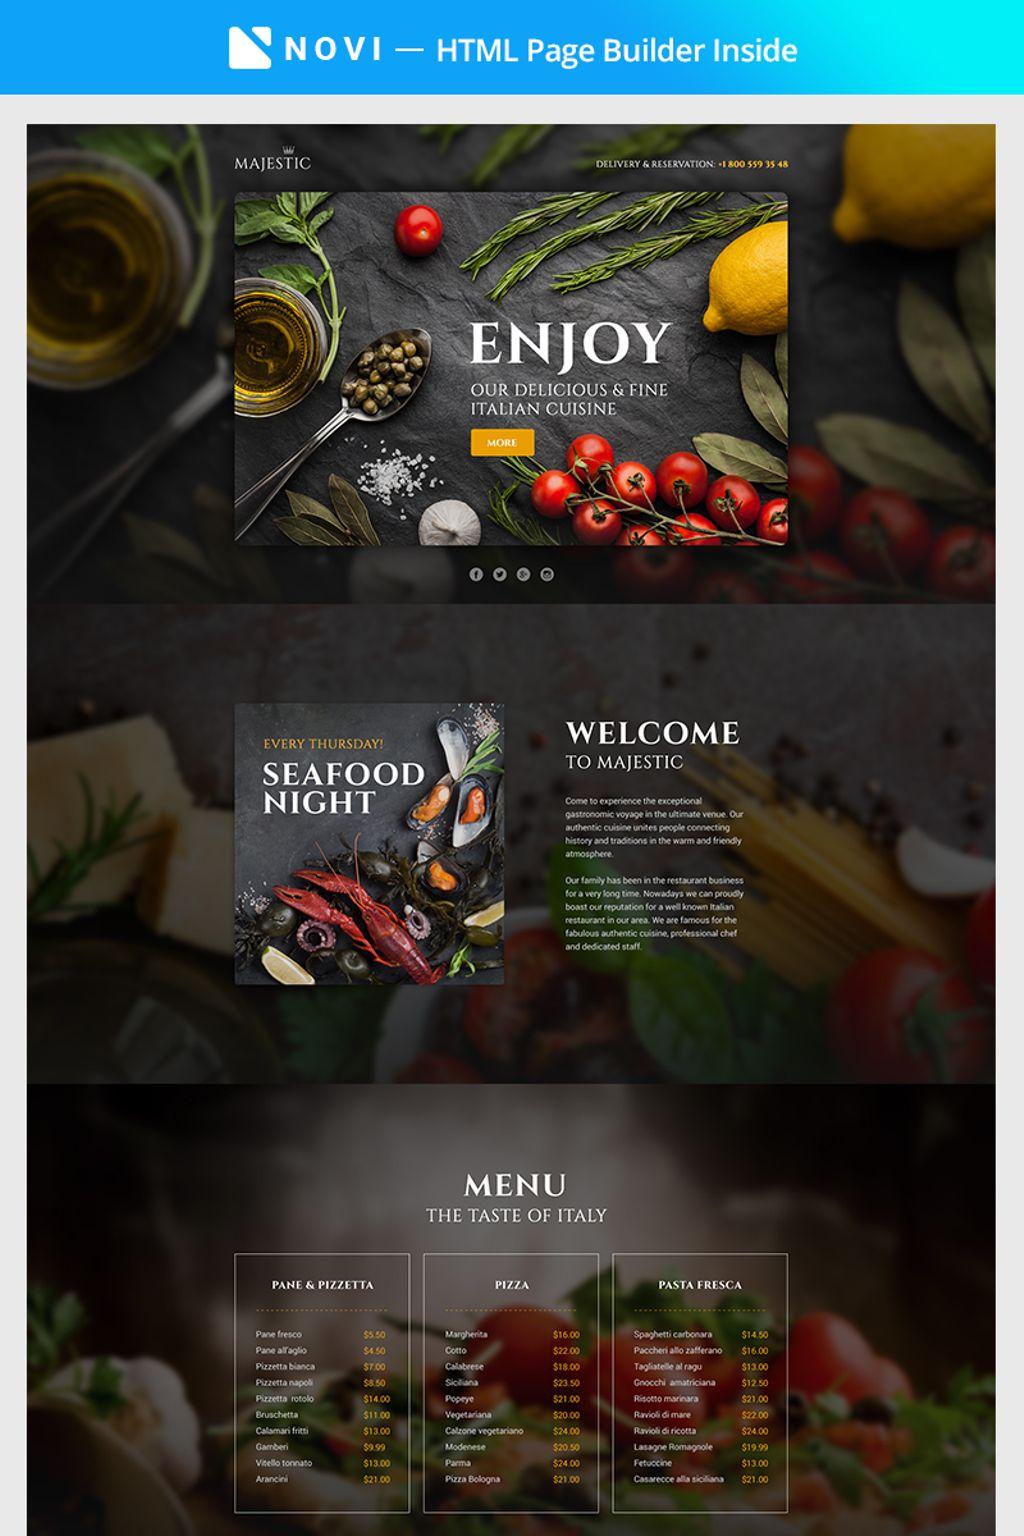 Plantilla para landing page - Categoría: Cafés y restaurantes - versión para Desktop